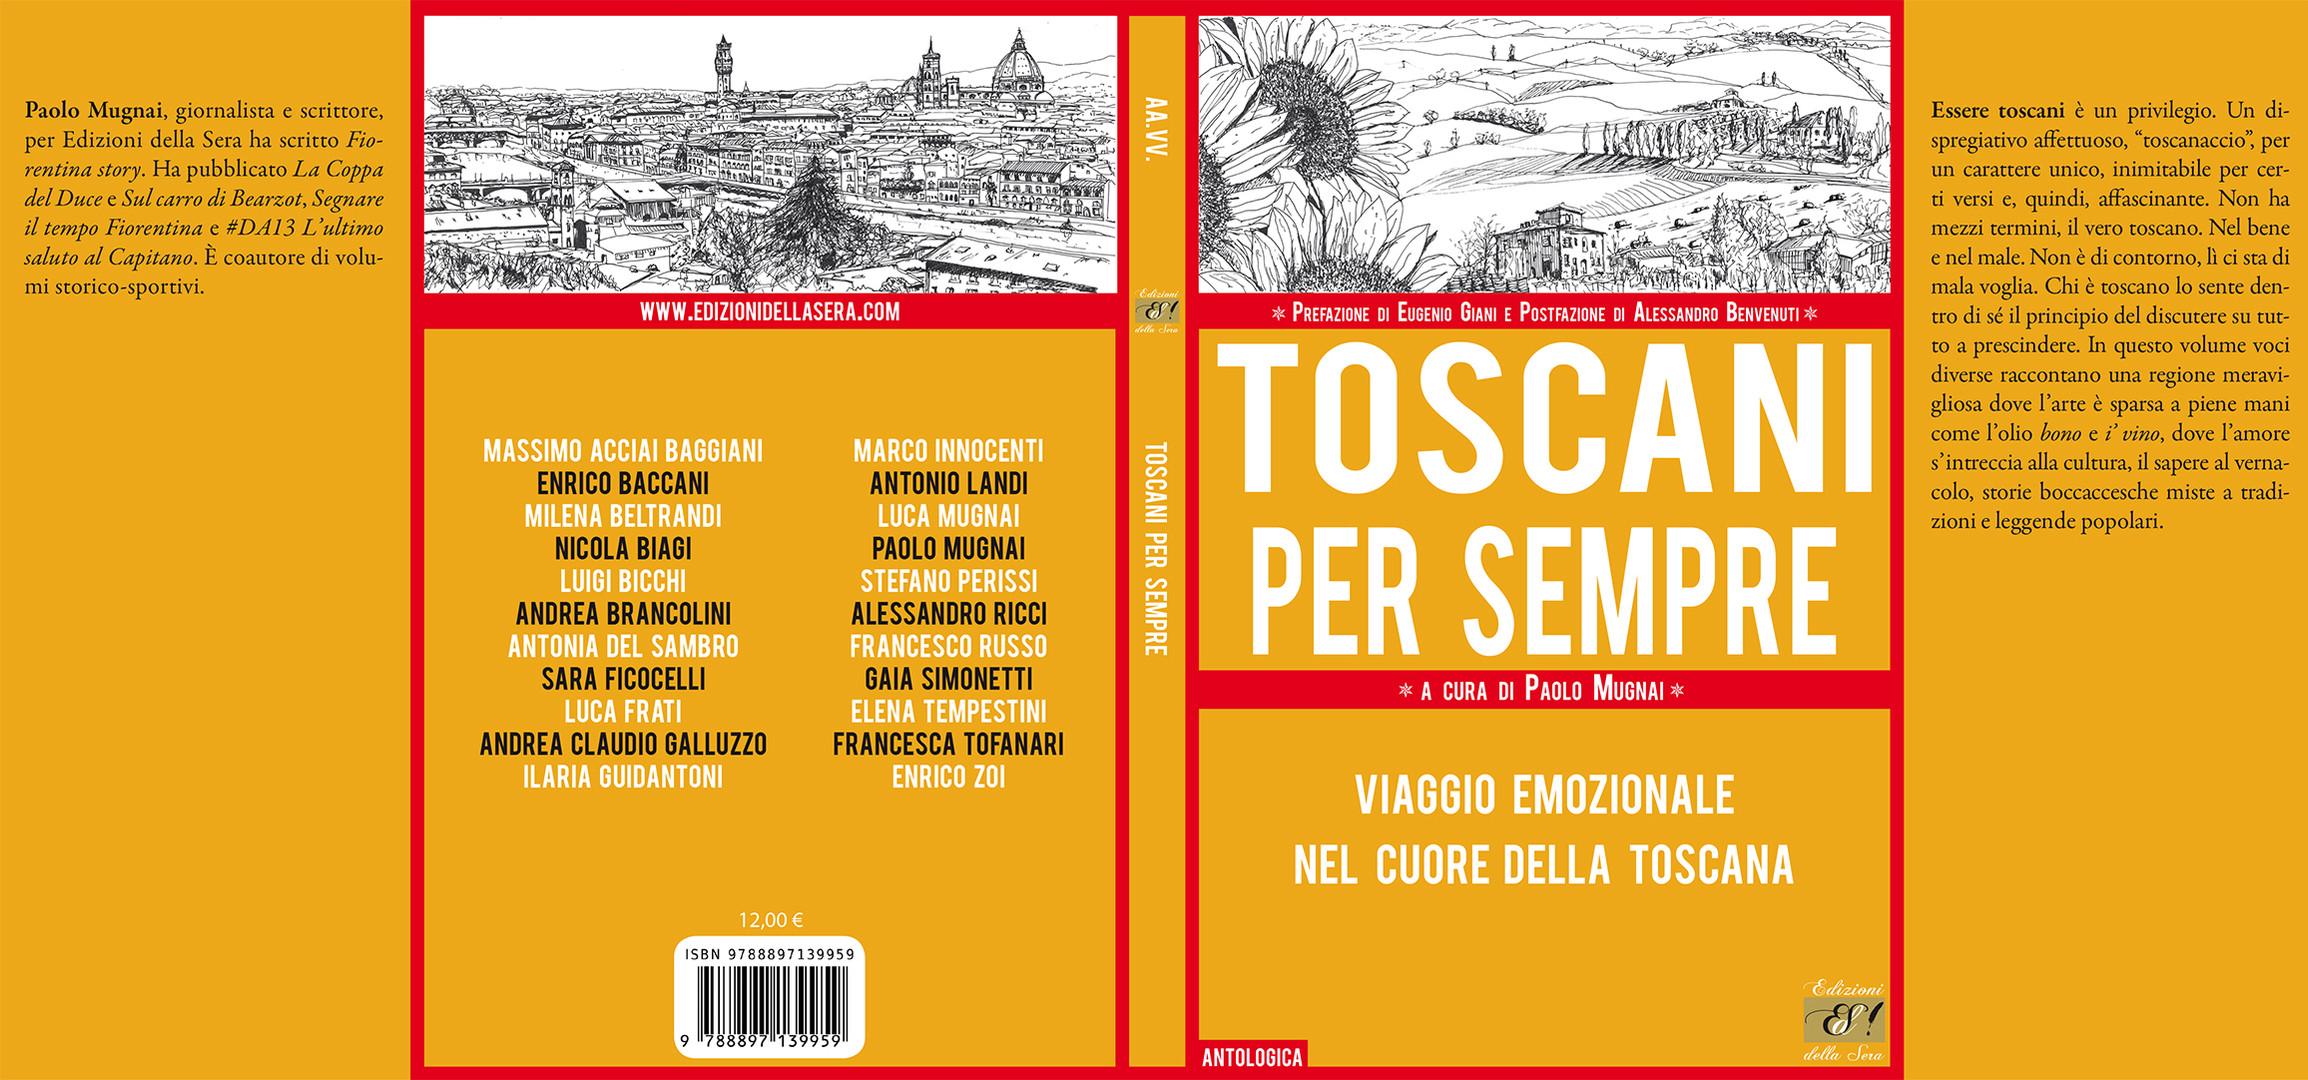 Cop Toscani per sempre_2019.jpg